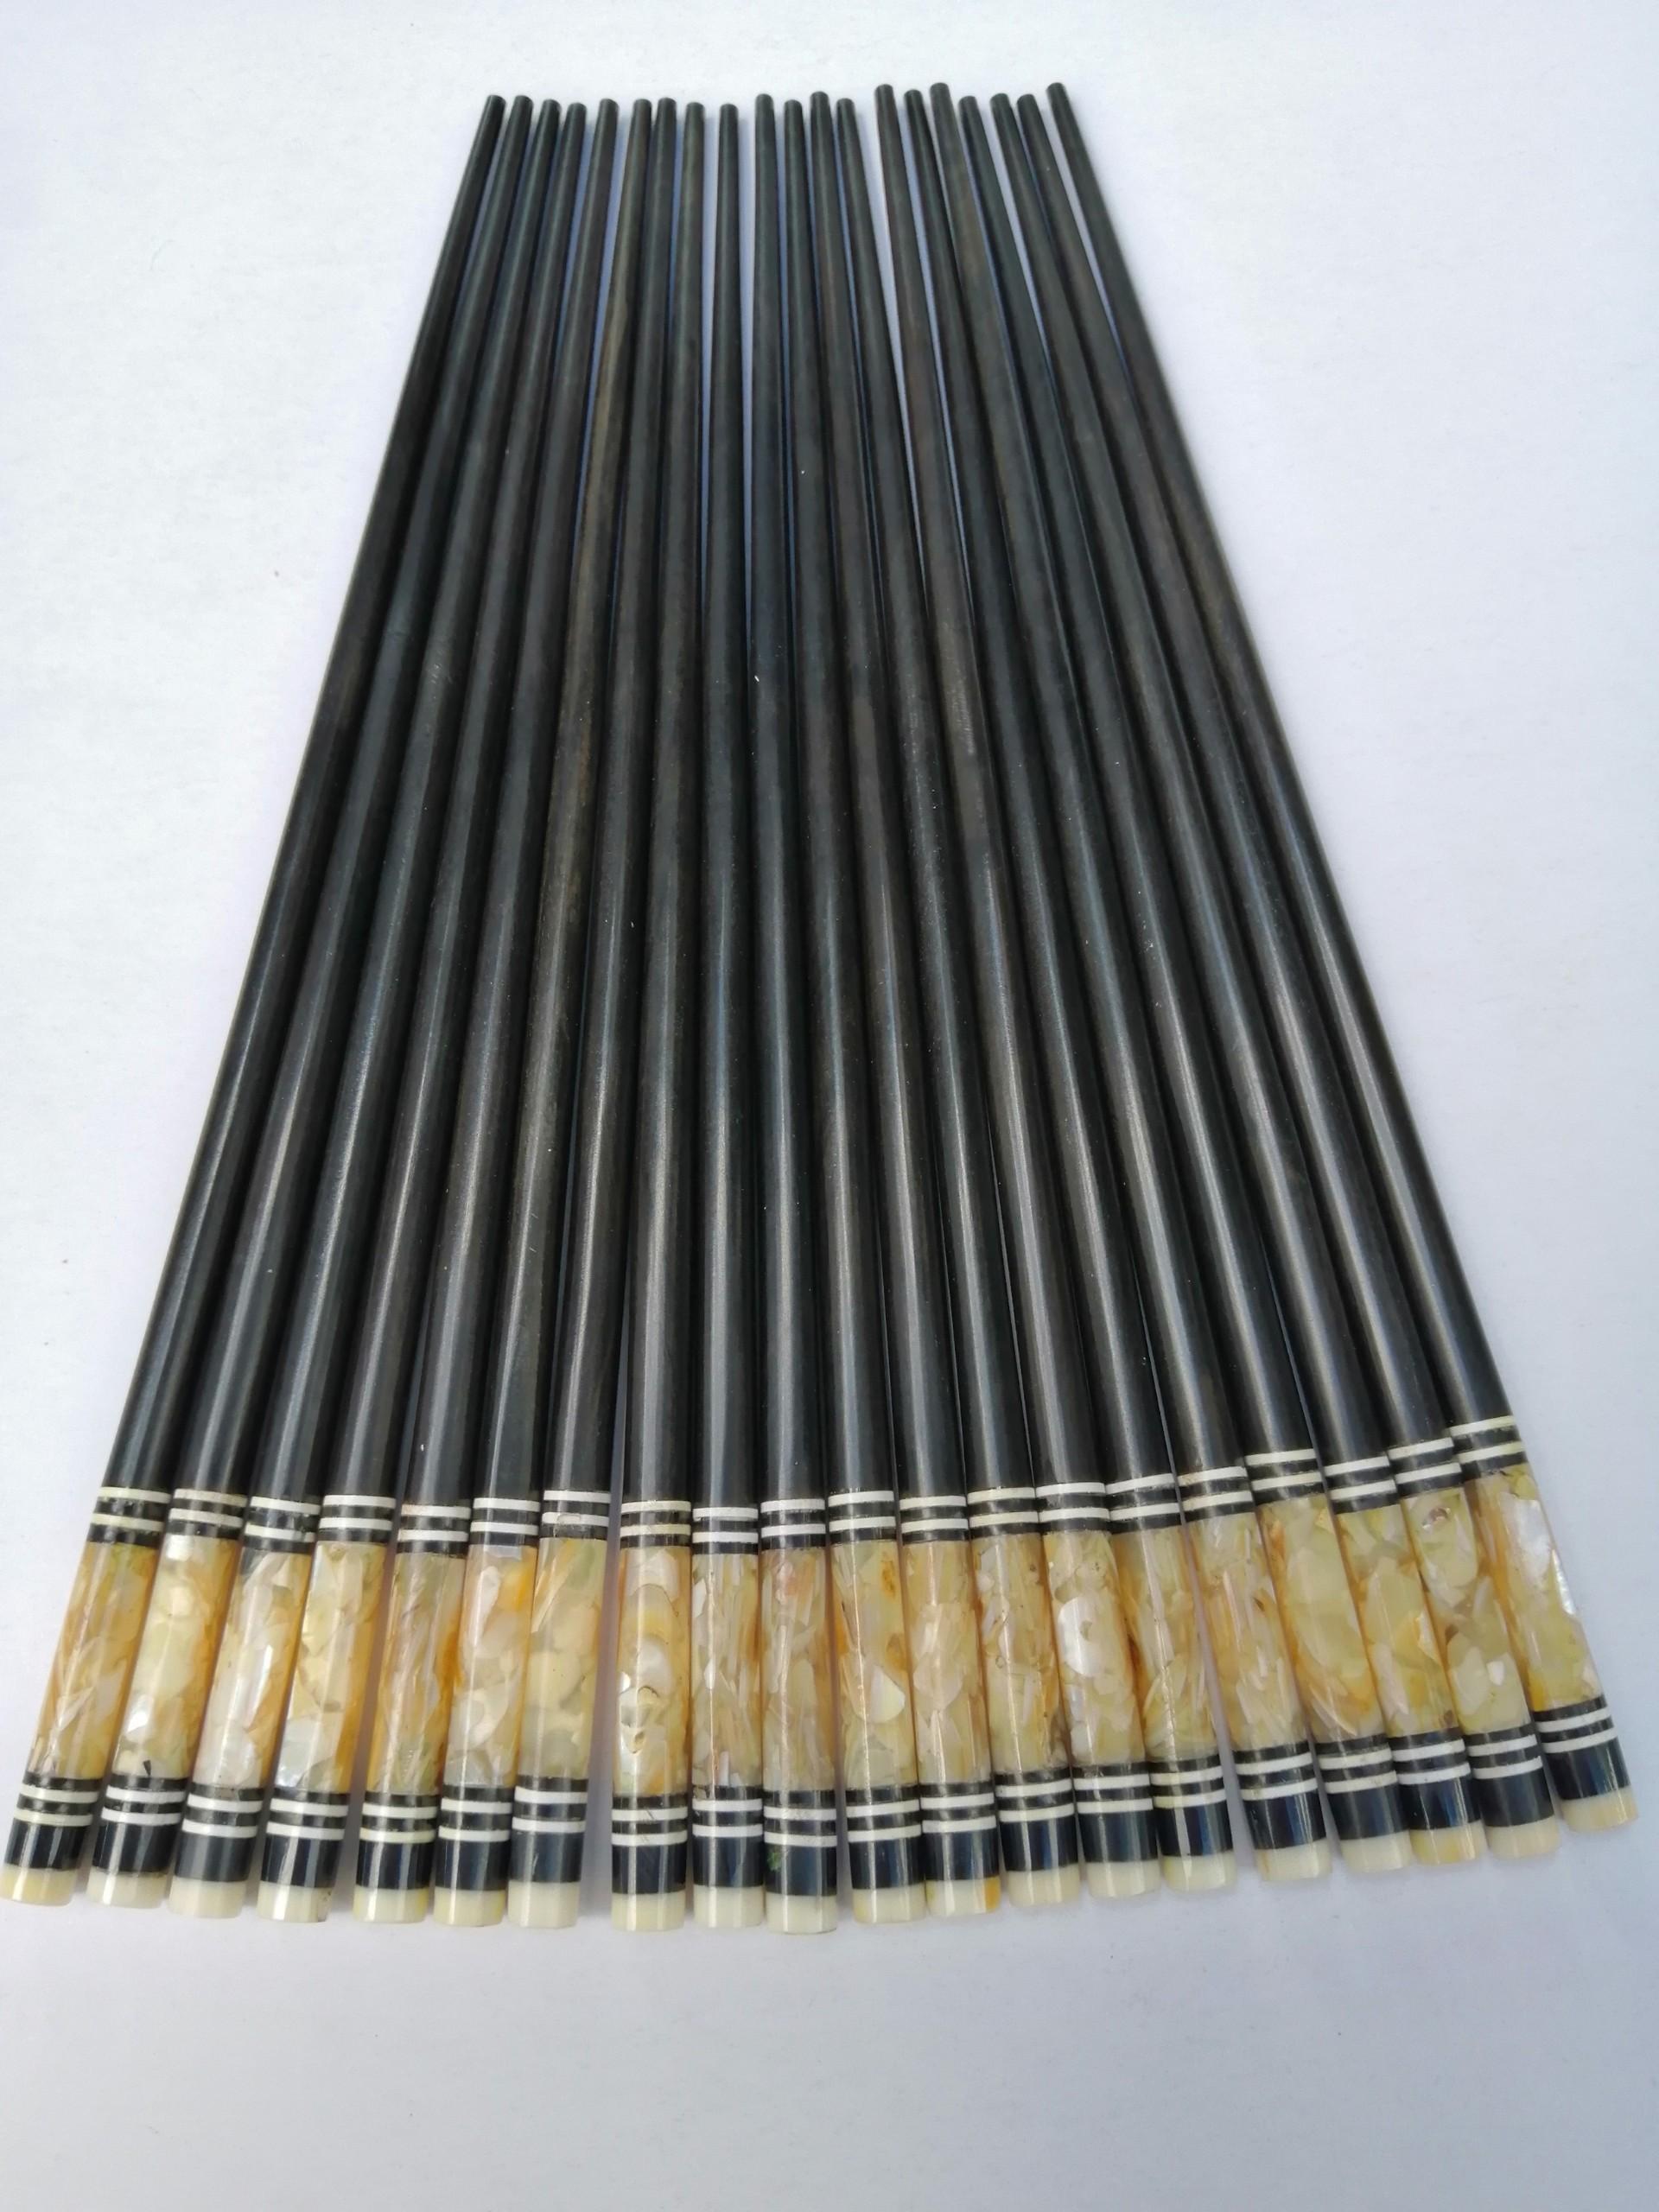 Đũa Gỗ Mun Khảm Trai - Đồ Gỗ Thủ Công Mỹ Nghệ Cao Cấp Thương Hiệu Trường Sơn (10 Đôi / Hộp)